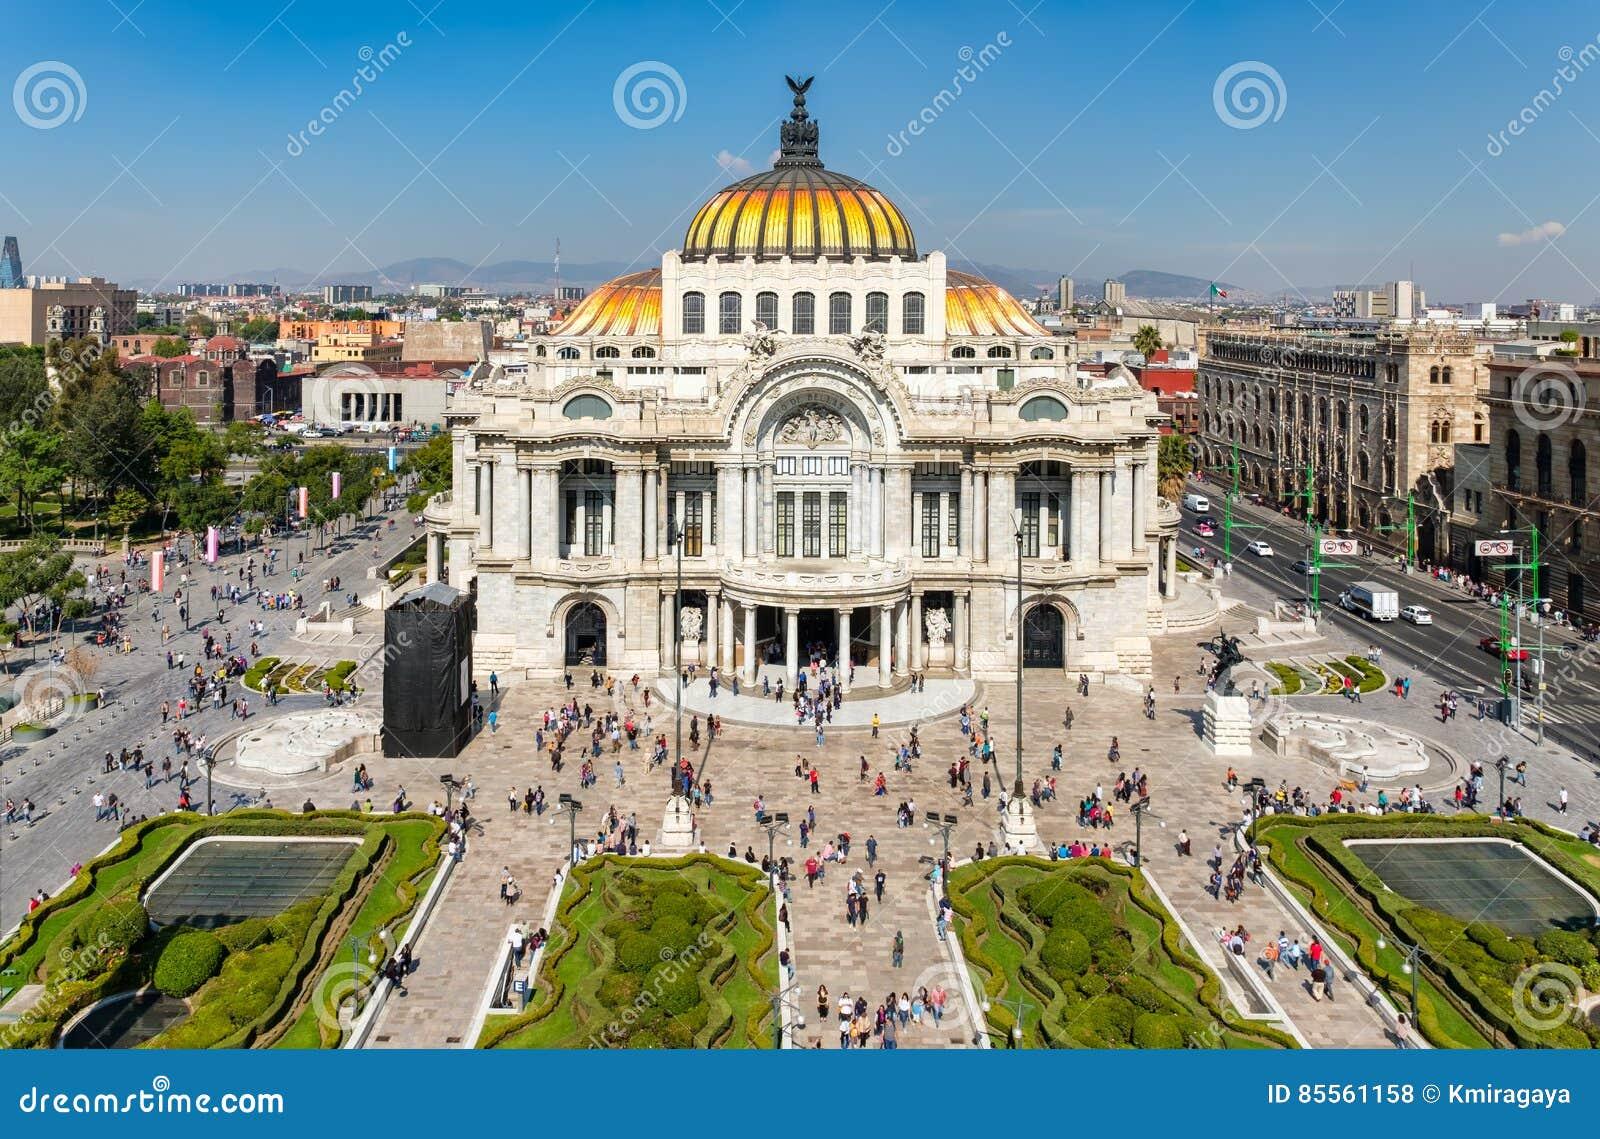 Palacio de Bellas Artes or Palace of Fine Arts in Mexico City